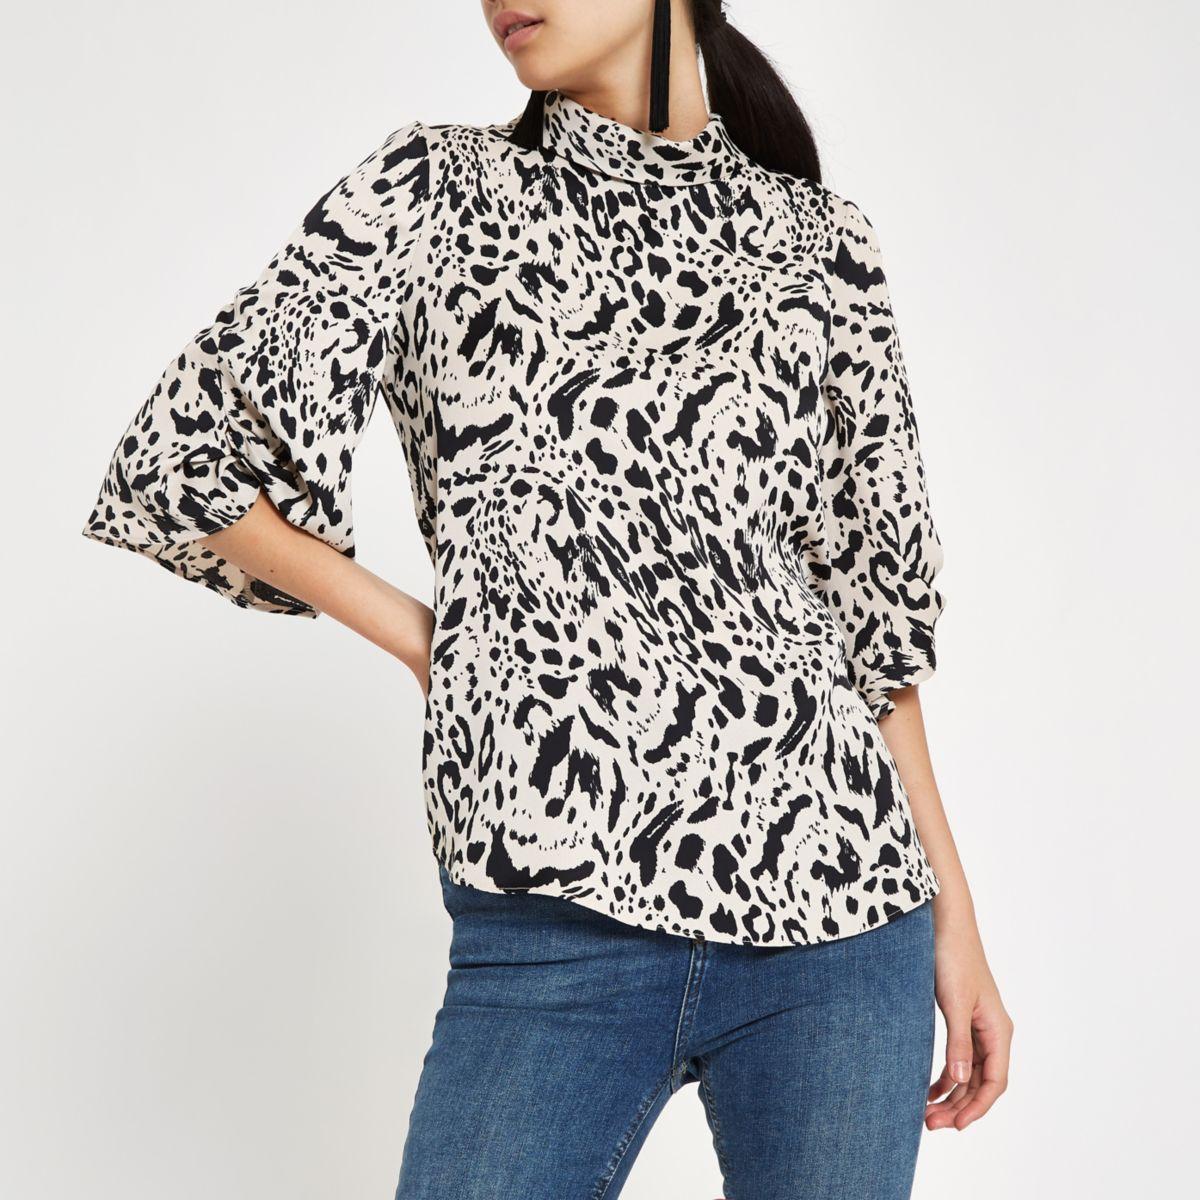 Zwarte top met luipaardprint en gedraaide mouwen